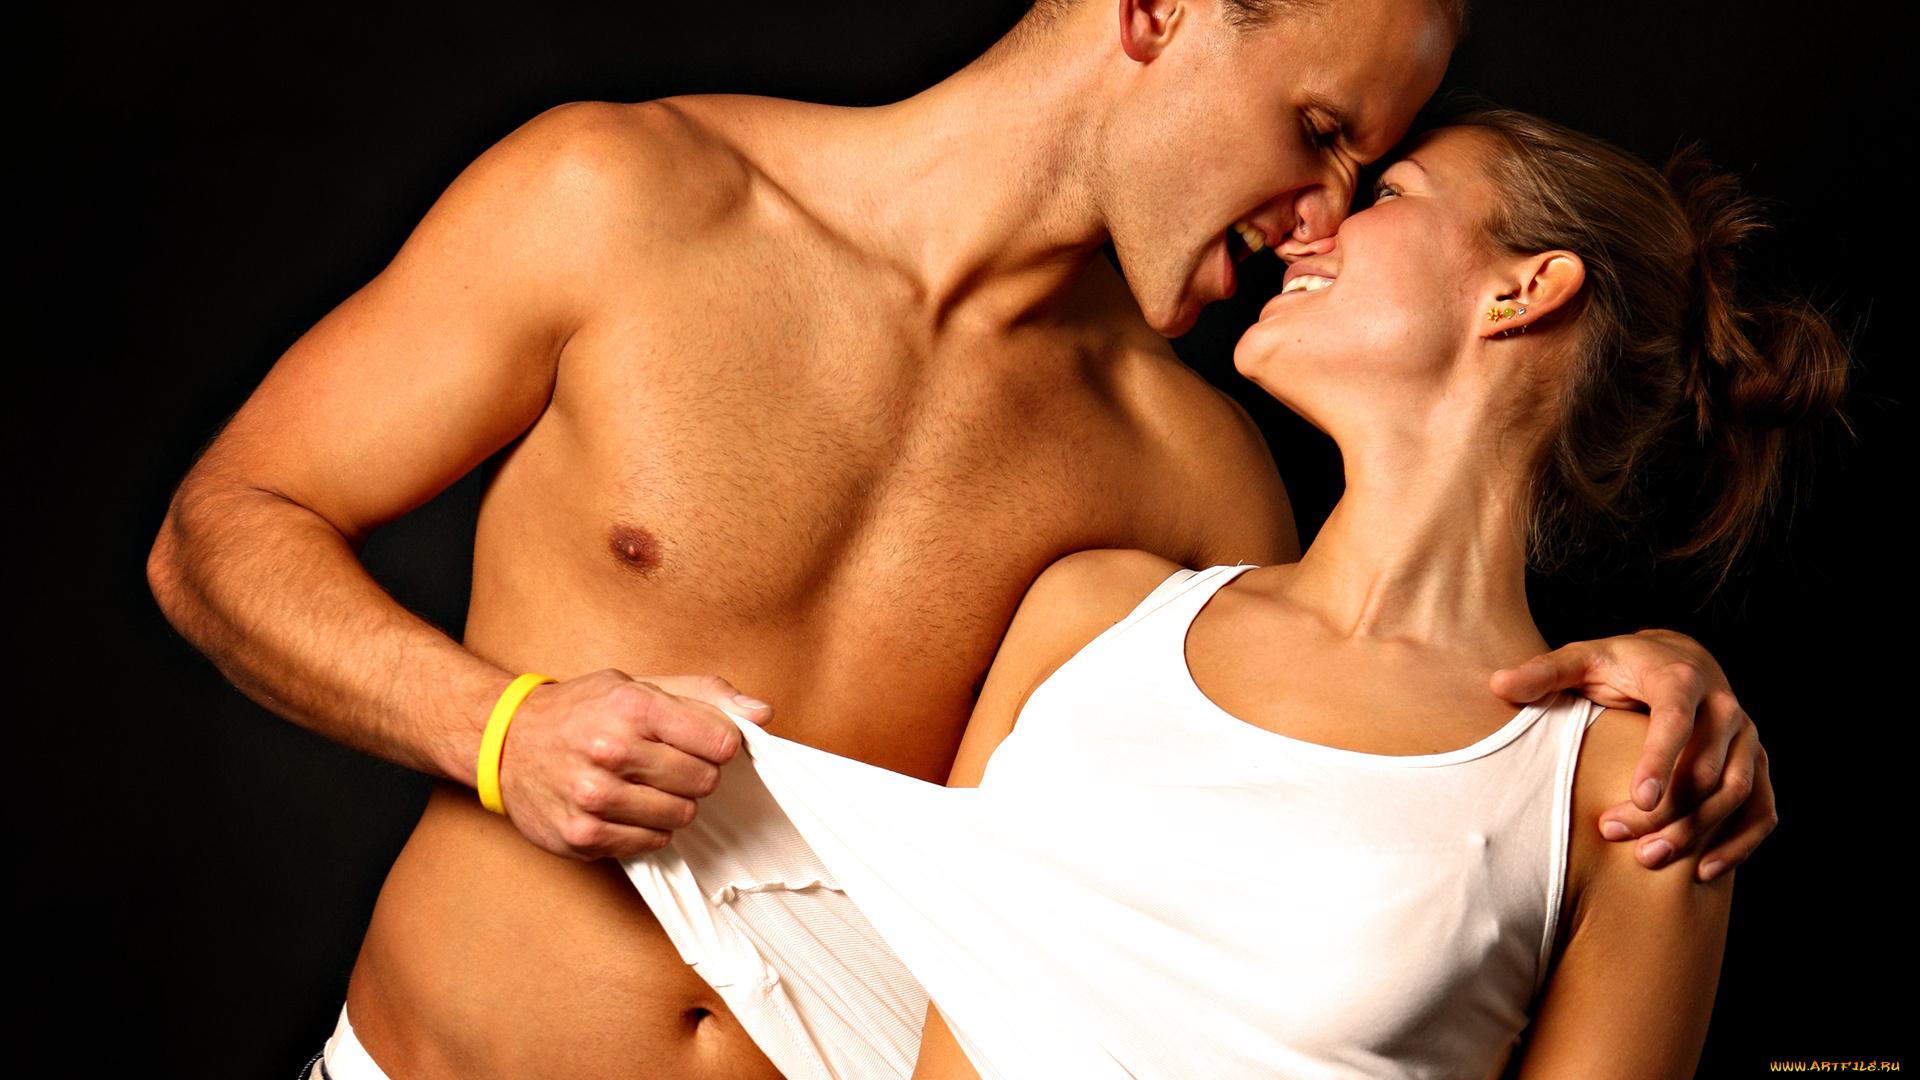 смотреть фото полового контакта между мужчиной и женщиной общем